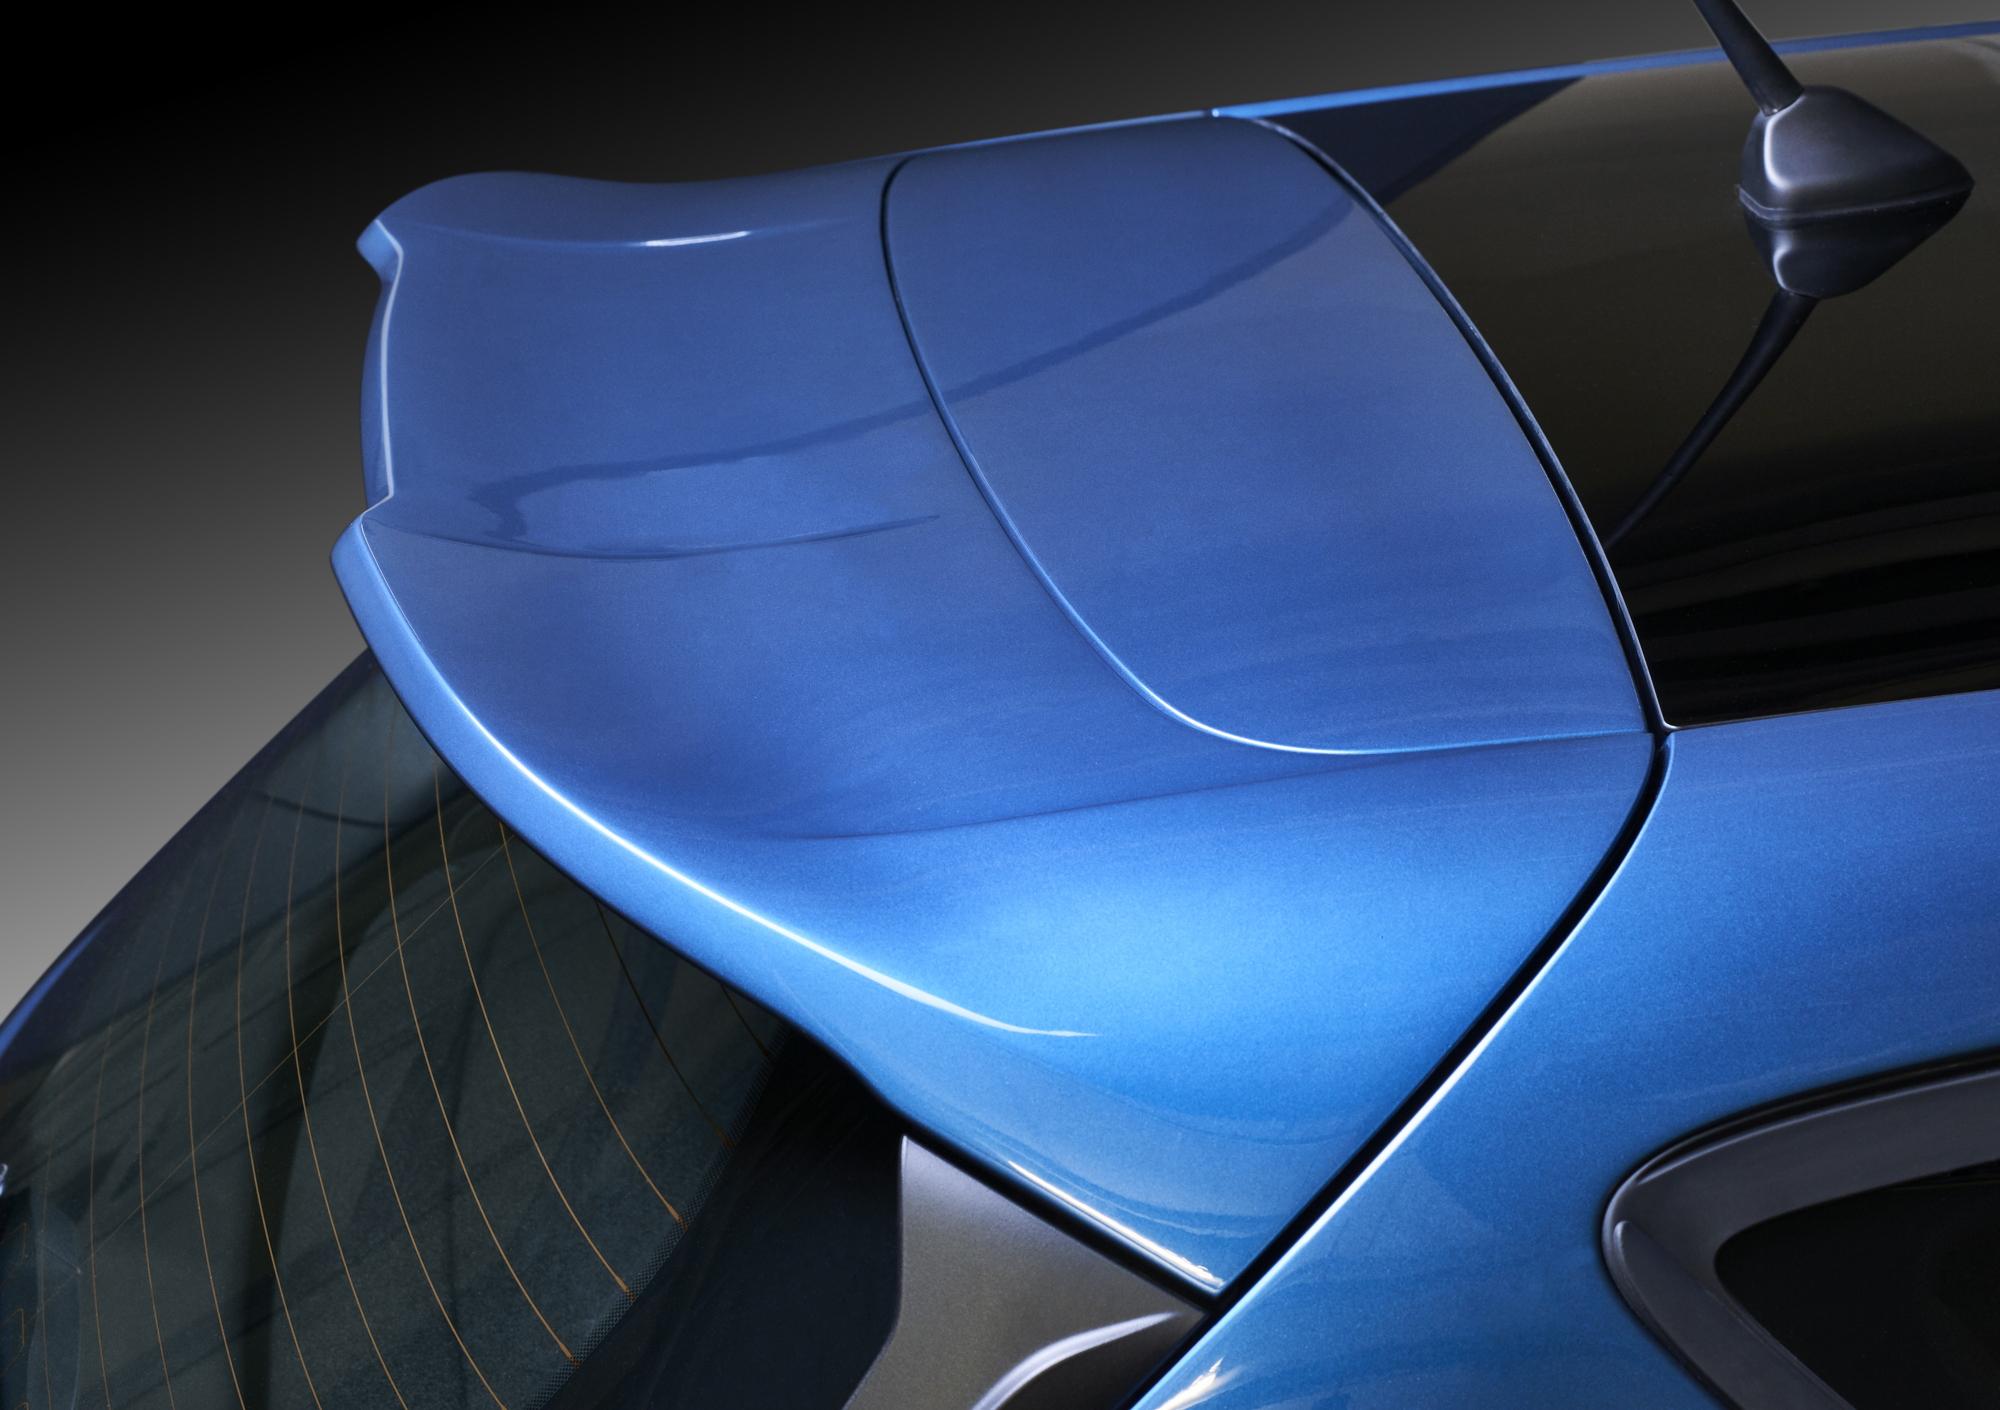 2018 Ford Fiesta ST spoiler